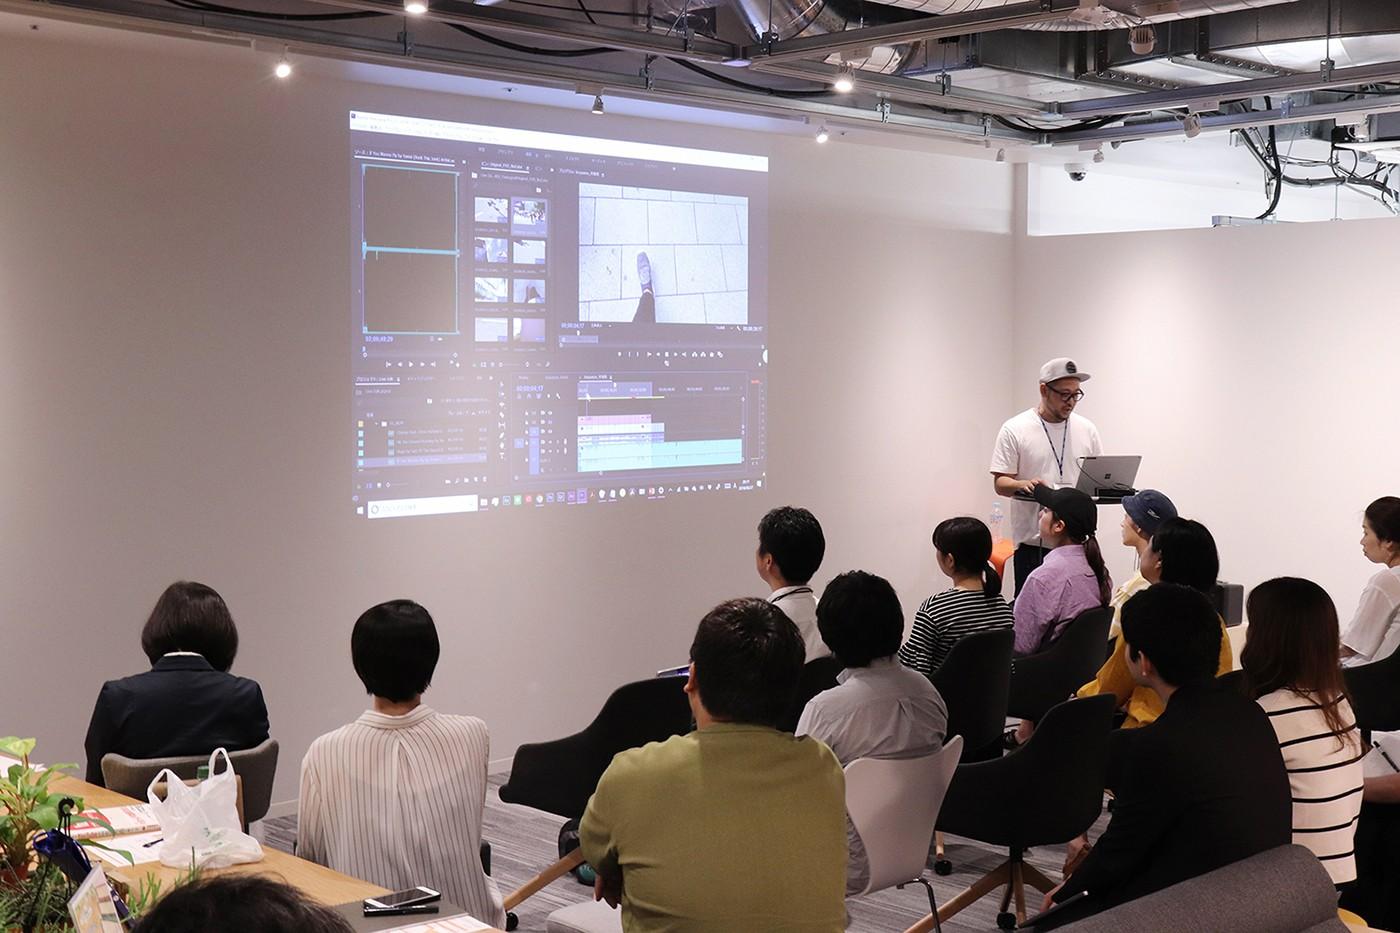 イベント「スマホで始めるビデオグラファー~おしゃれな動画の制作実演」を開催しました